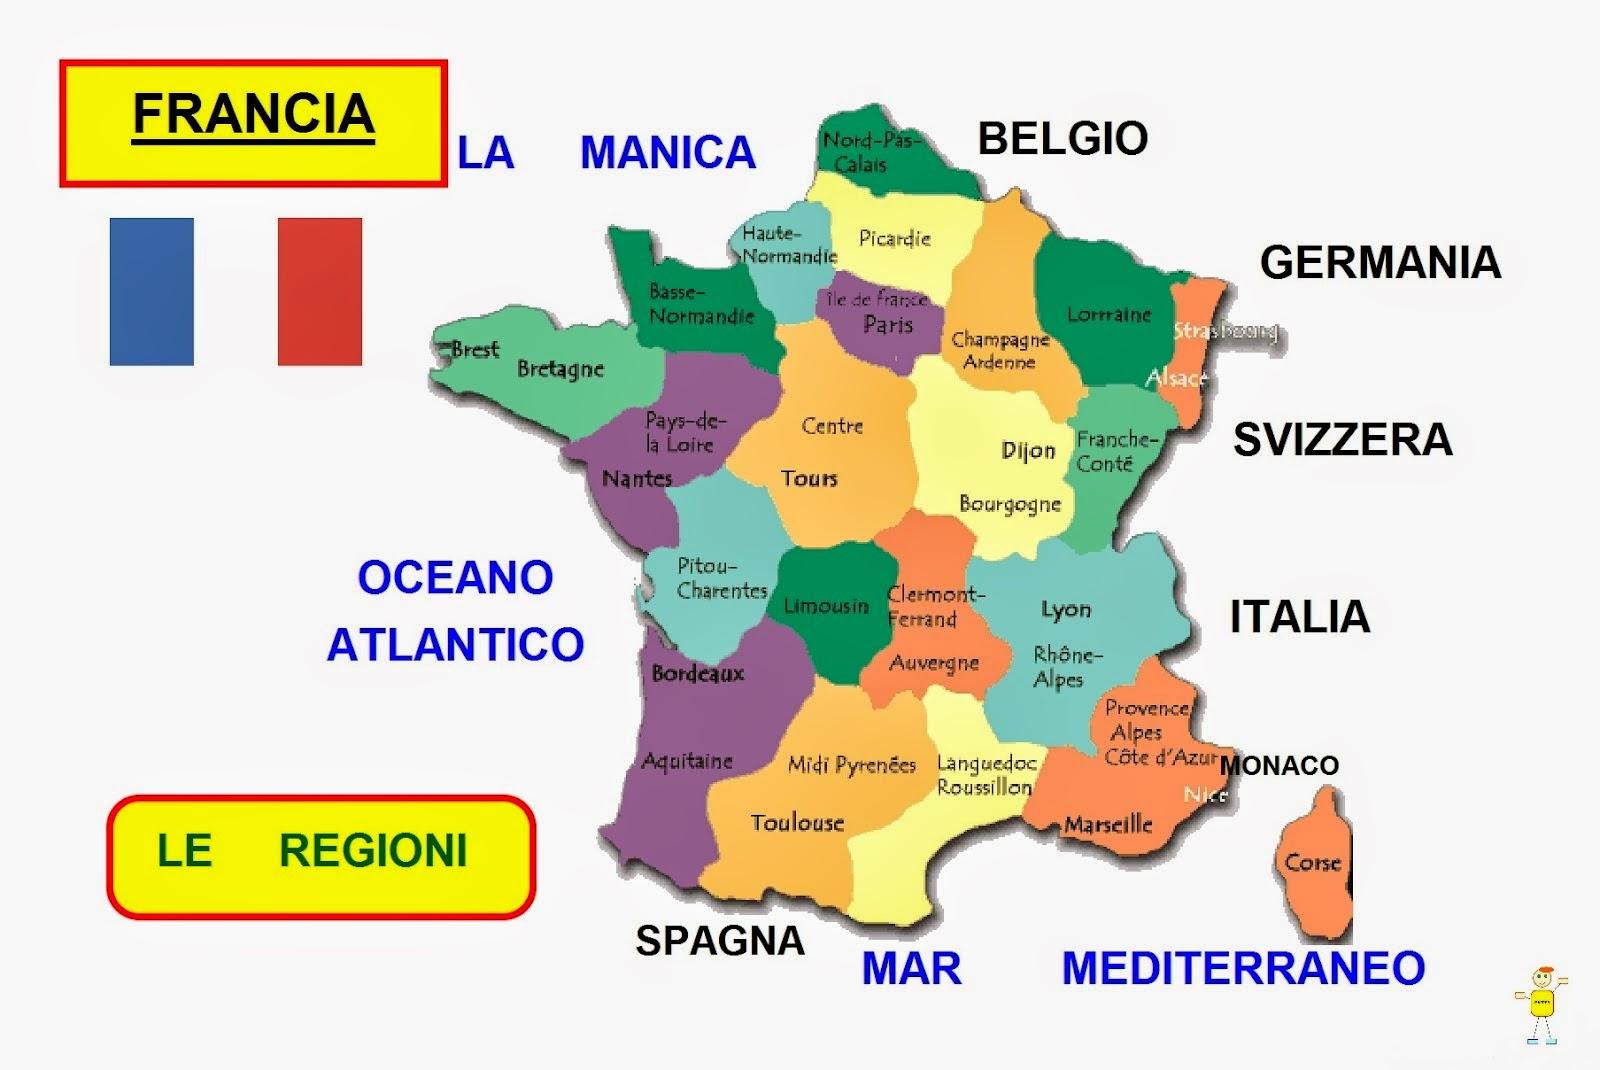 Cartina Politica Francia Con Regioni E Capoluoghi.Mappa Concettuale Francia Le Regioni Scuolissima Com